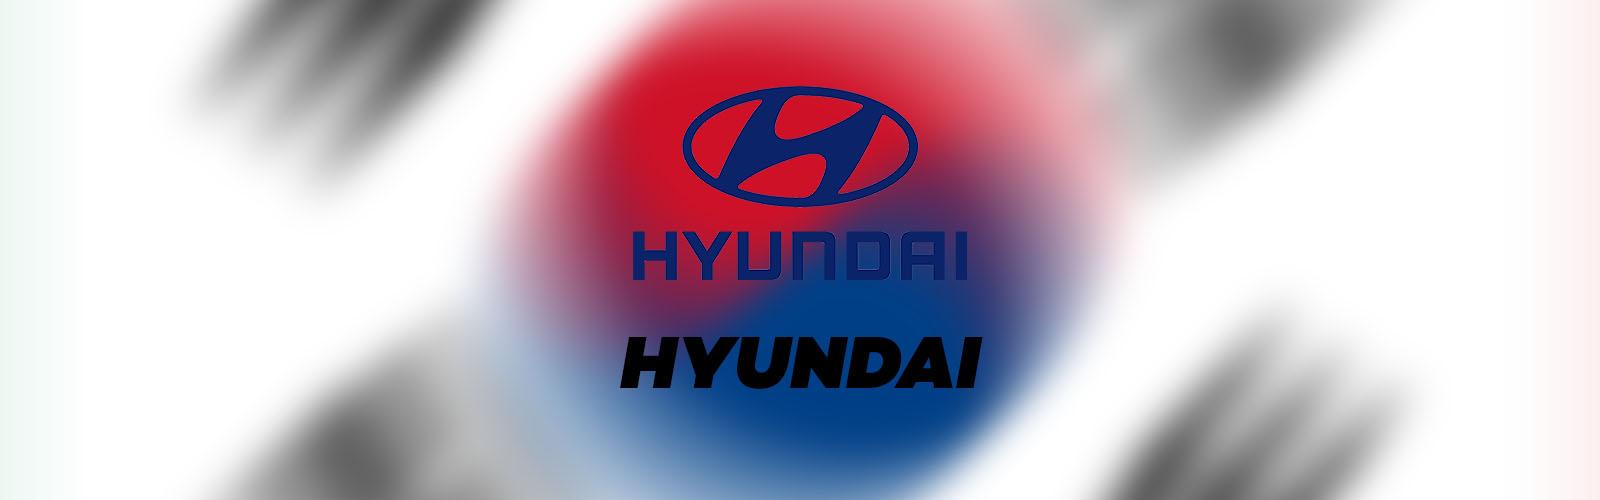 hyundai logo marque